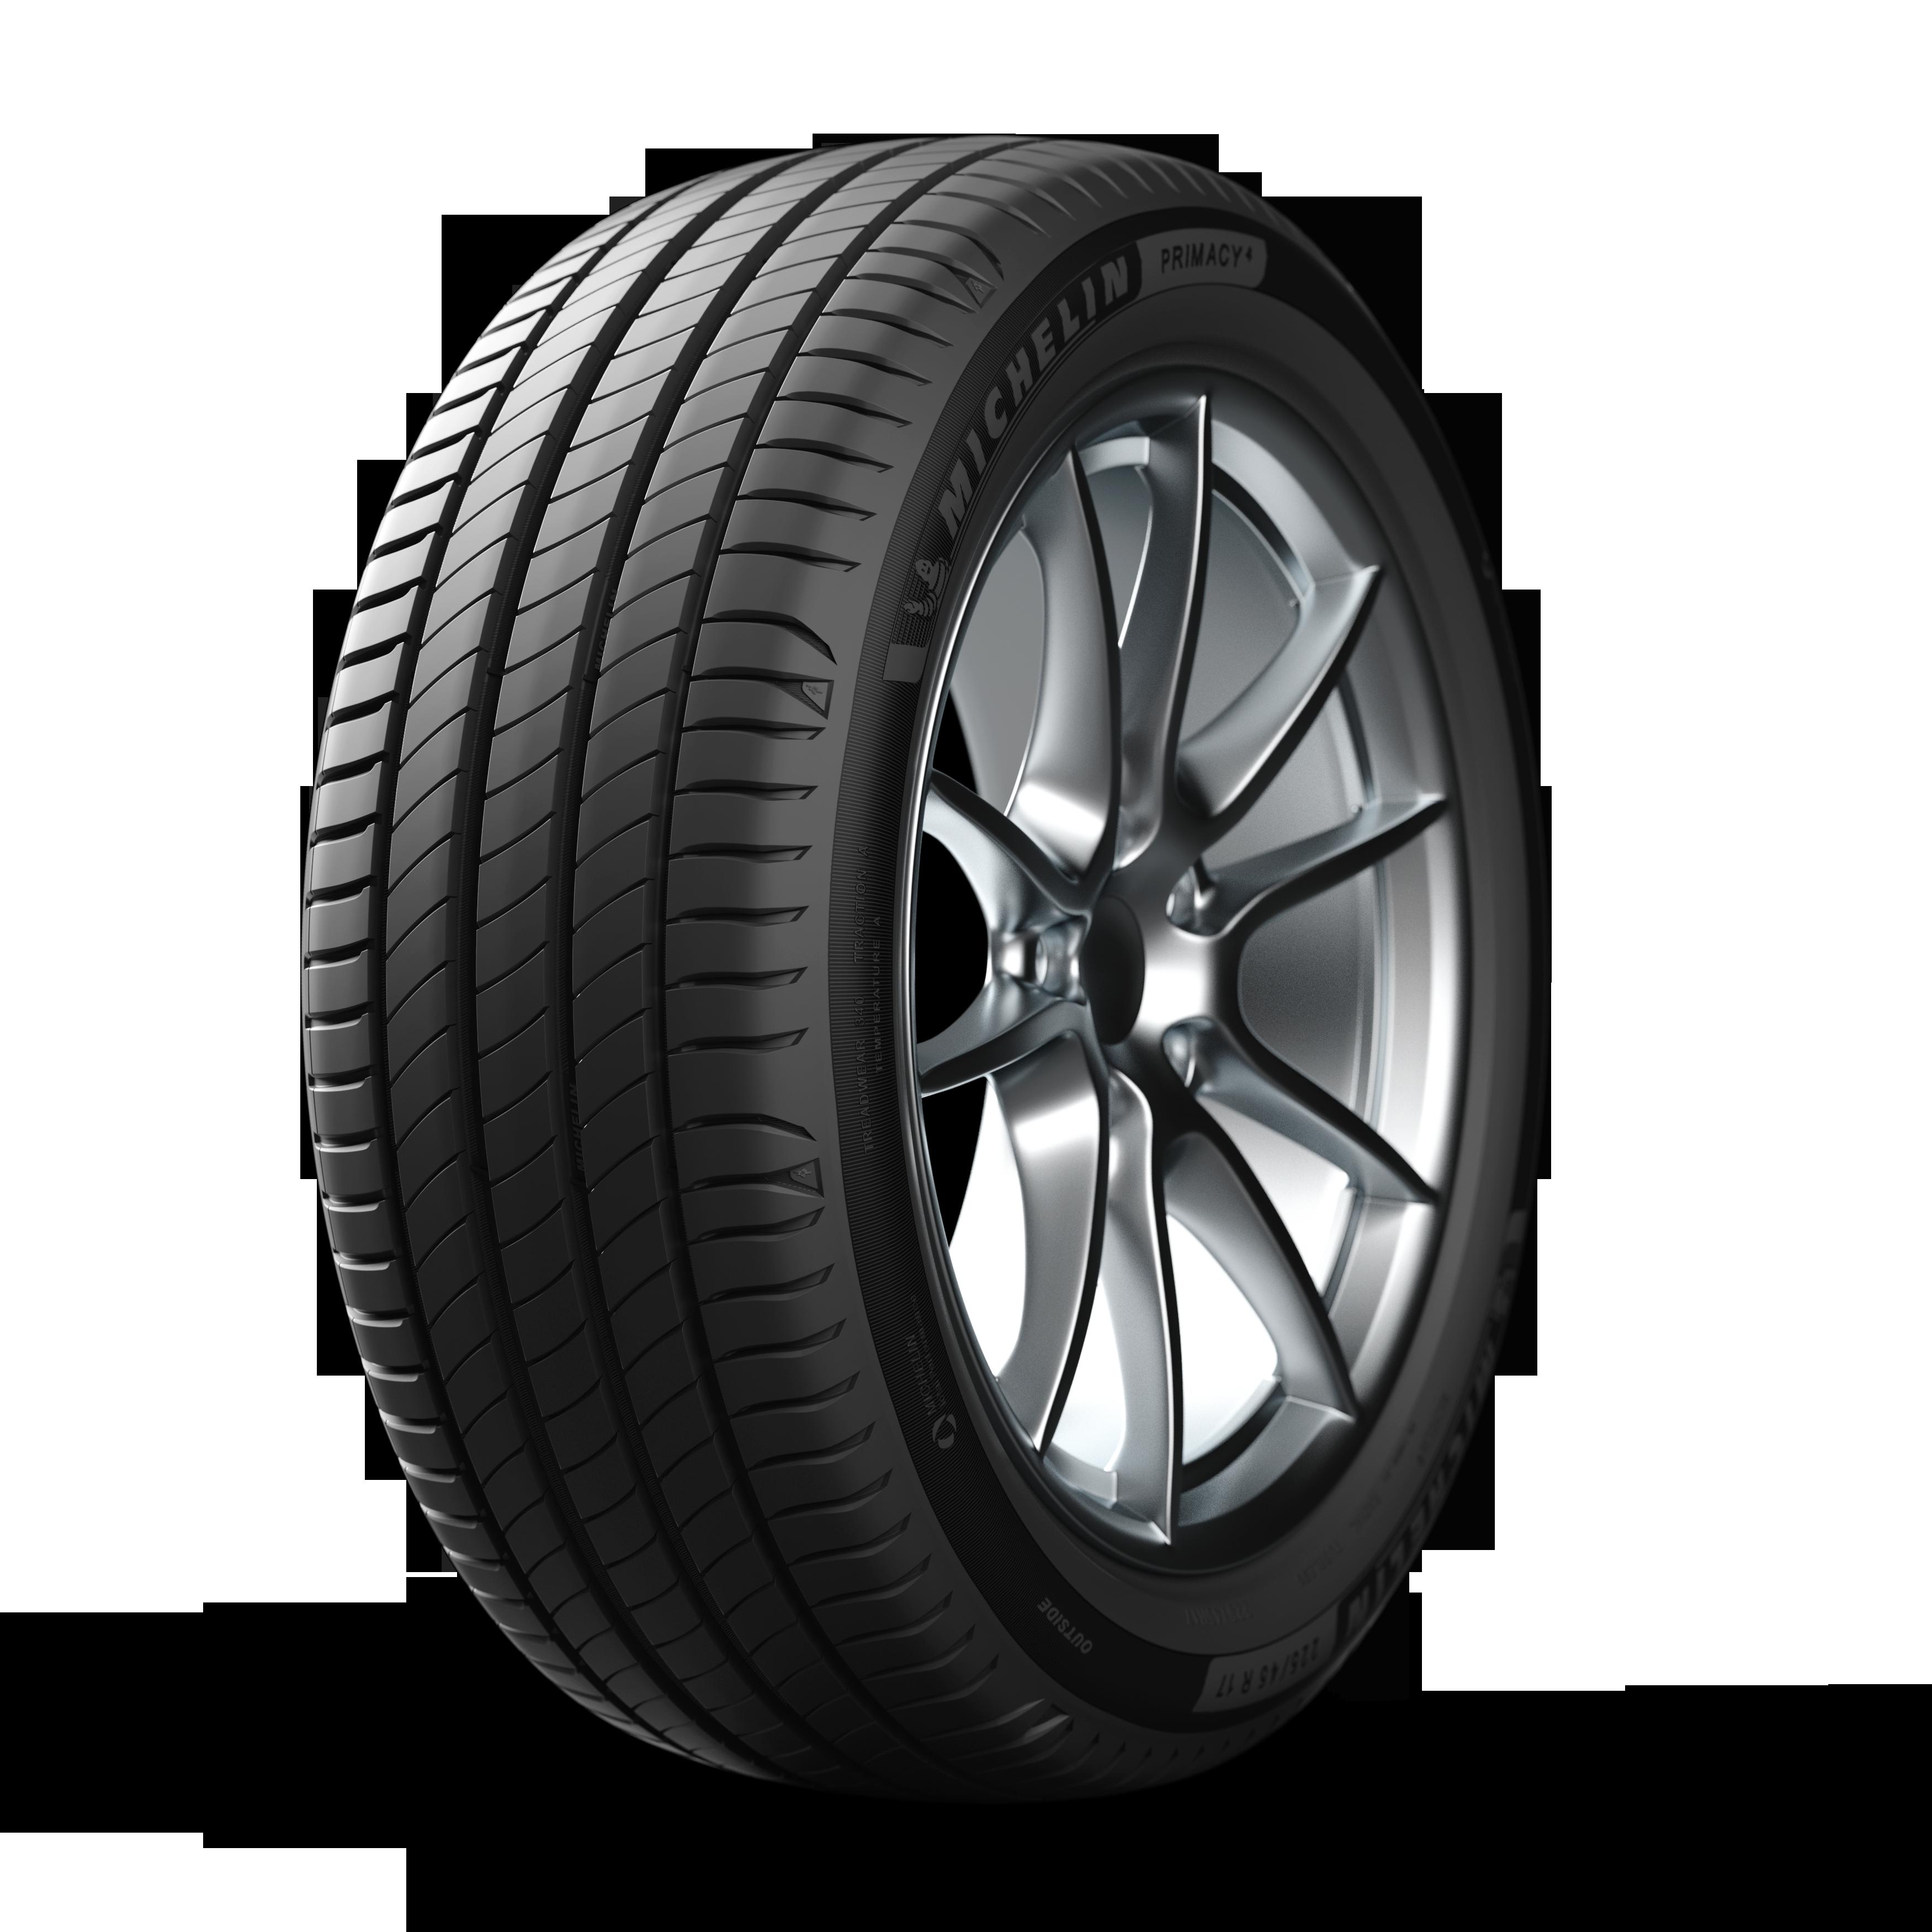 Michelin Alpin6 Sonderaktion Mit Gratis Wintercheck 86529 Buy Tires Car Tires Car